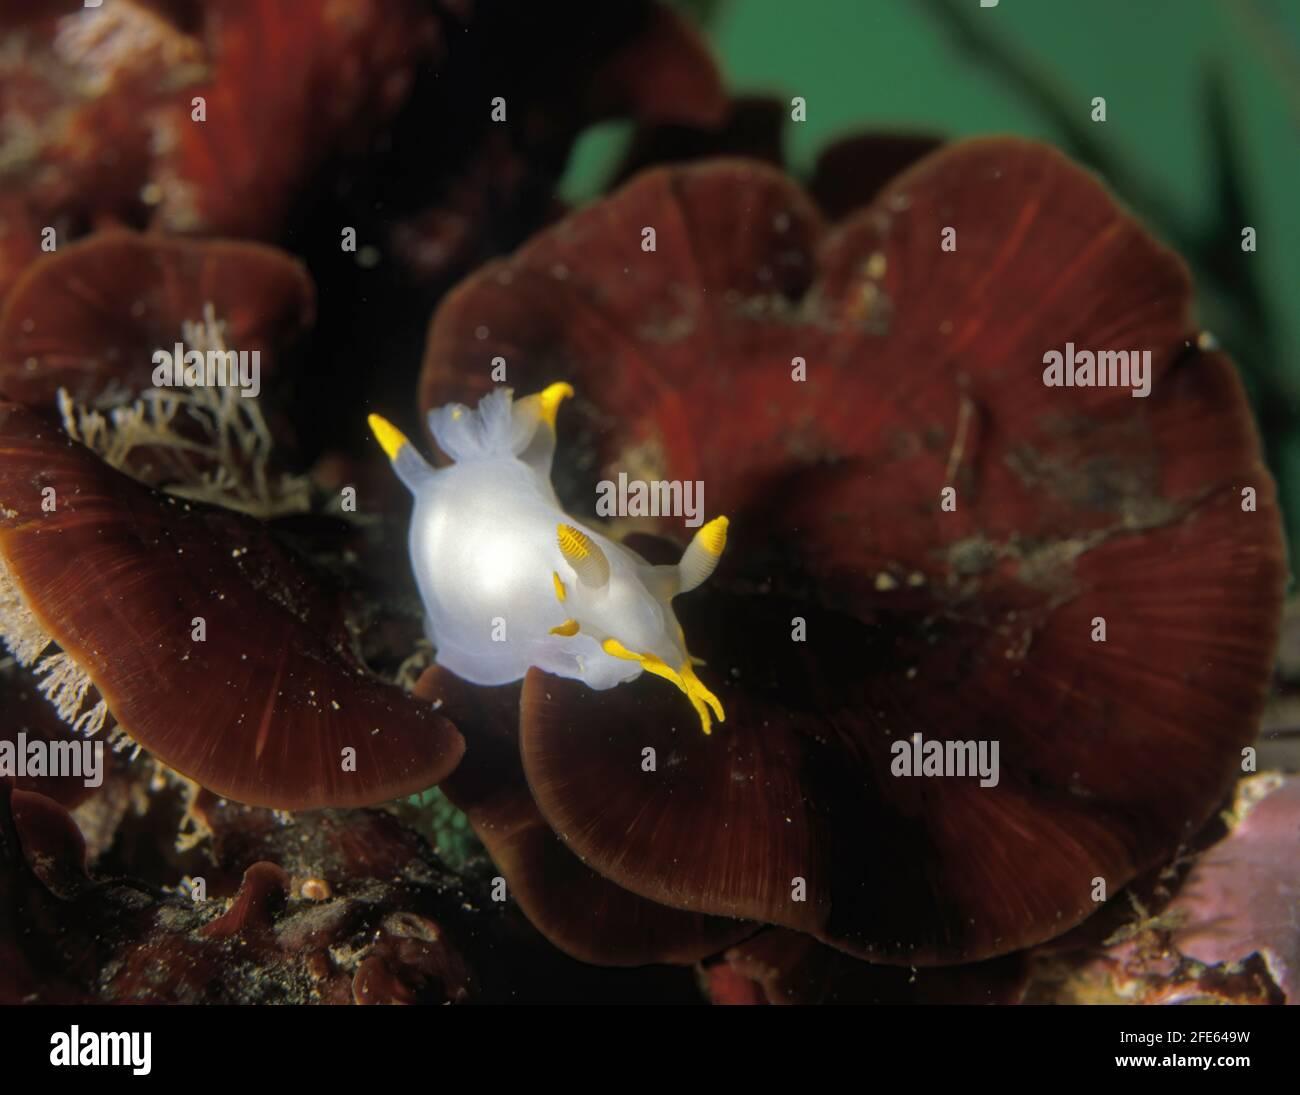 Nudibranch, Polycera faeroensis. Este nudibranch se describe originalmente de las Islas Feroe. En el Atlántico noreste es una especie común en el shal Foto de stock